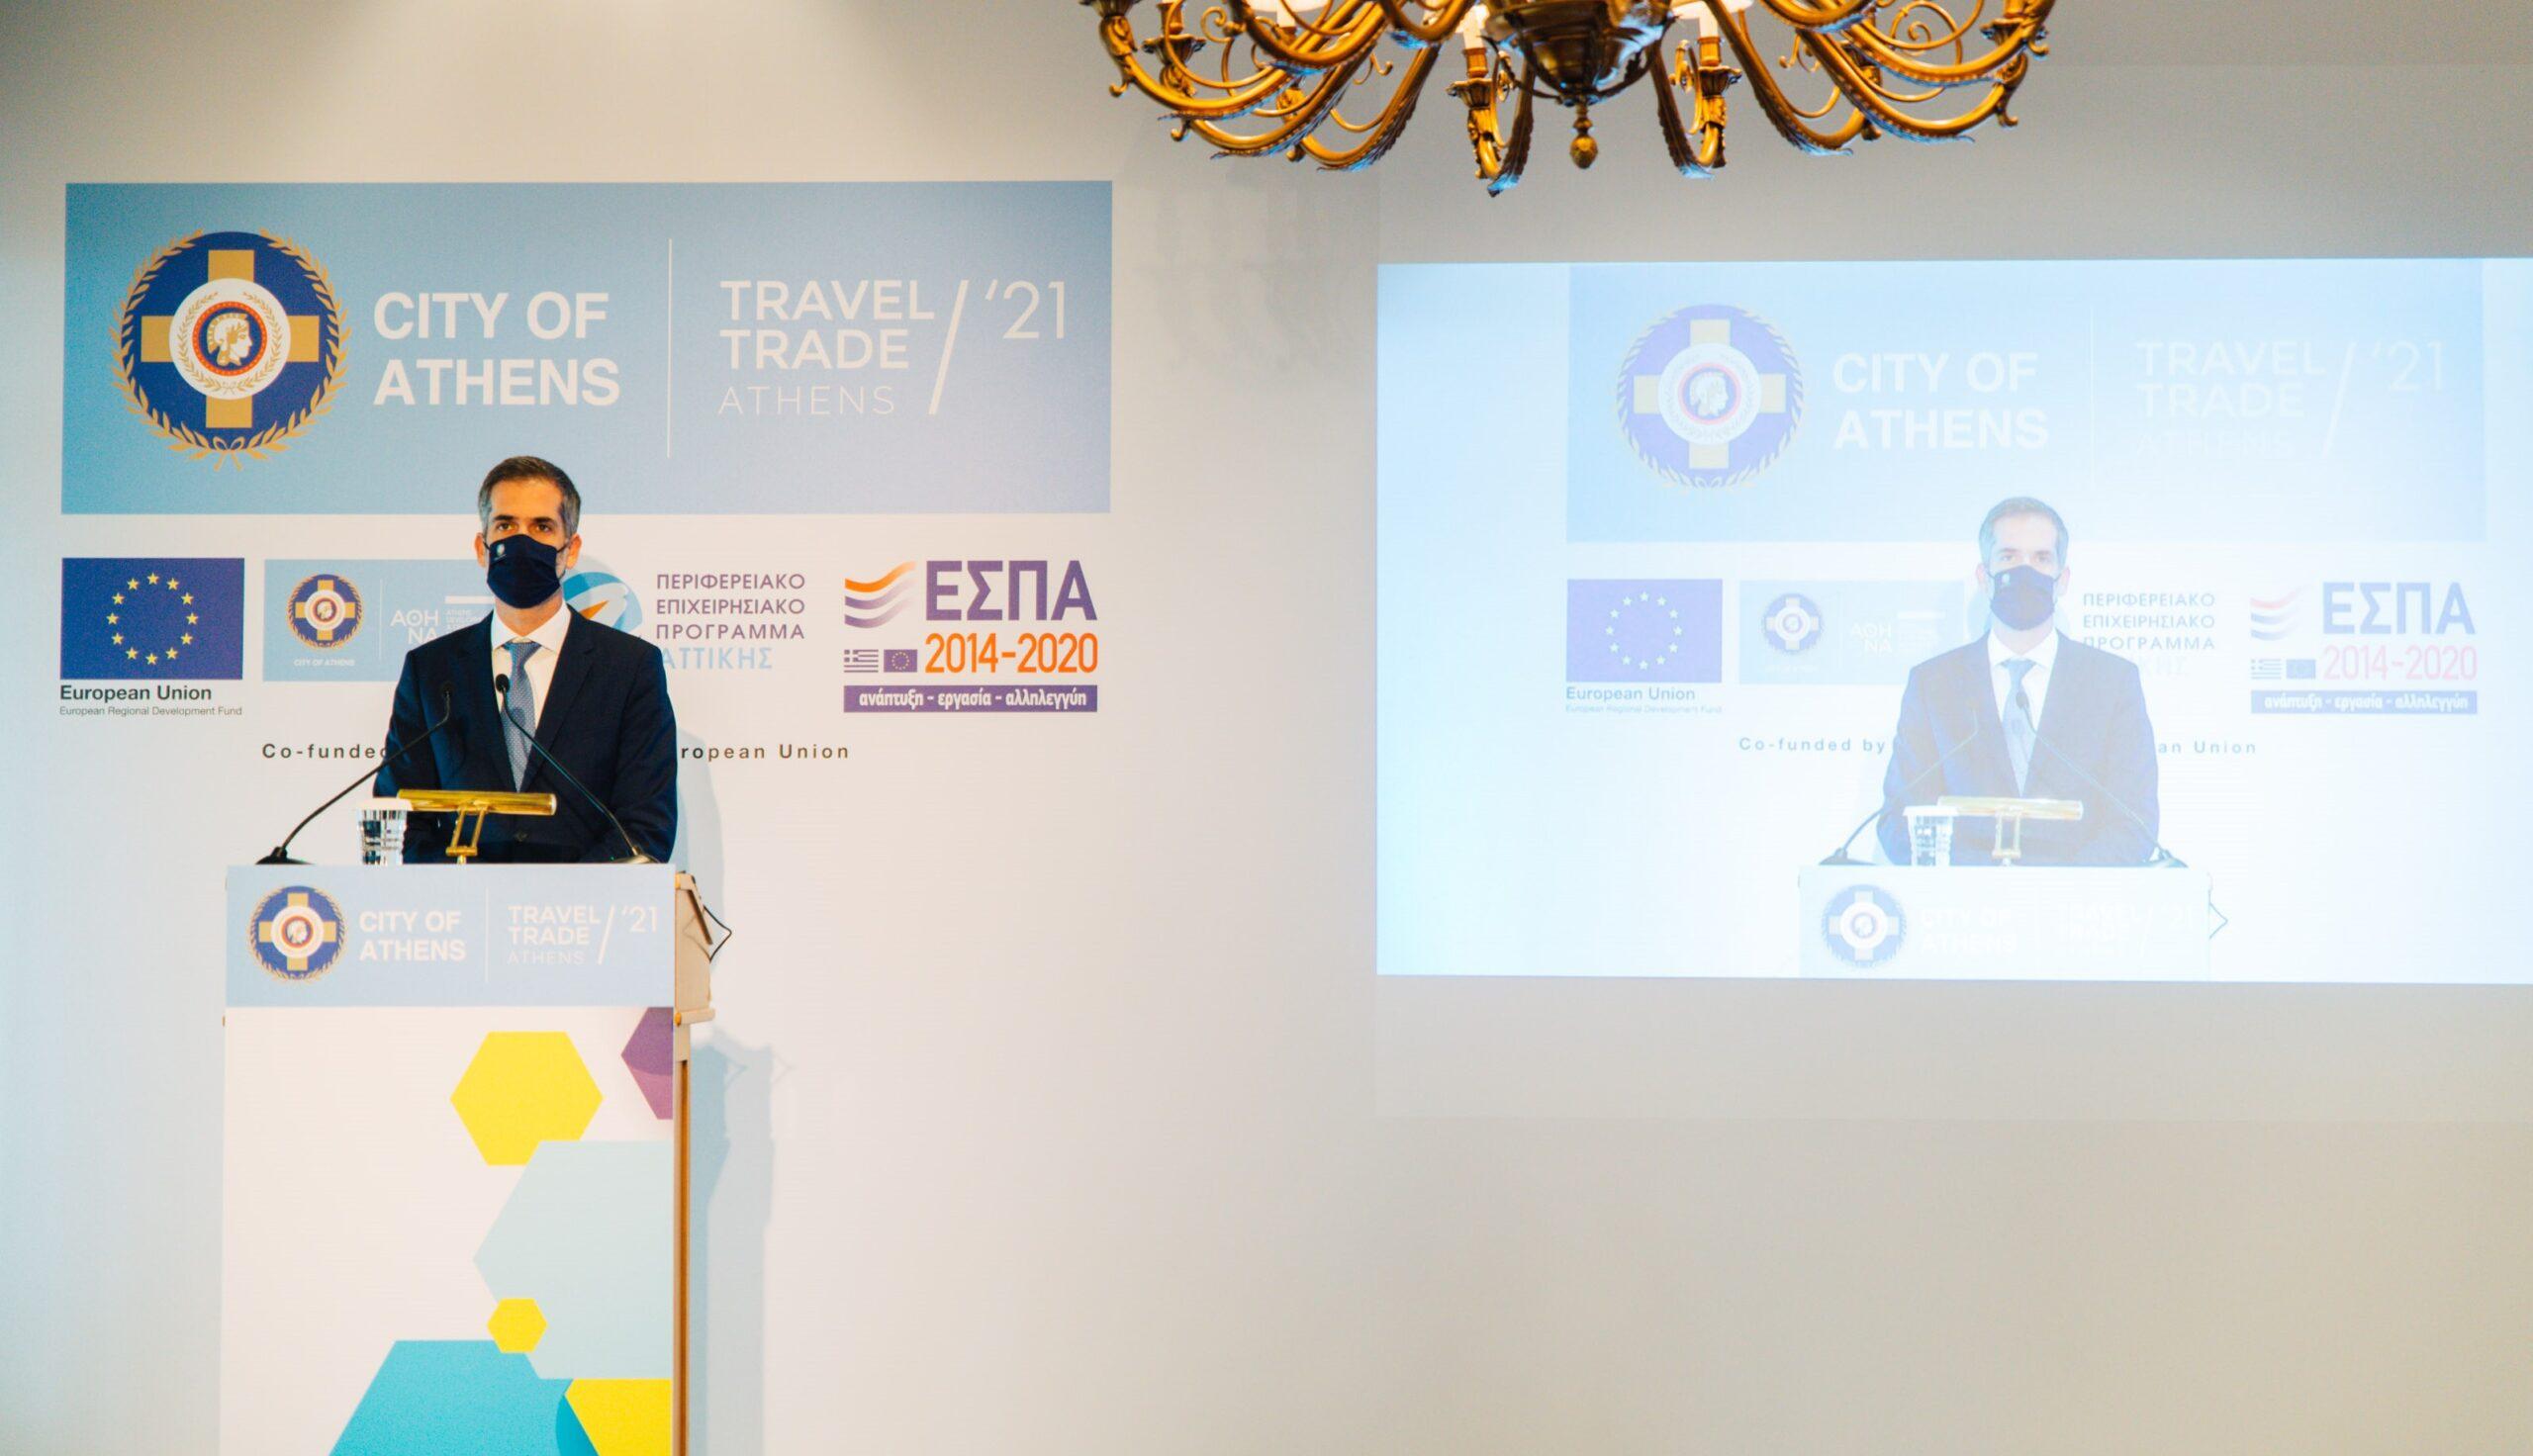 7ο Travel Trade Athens